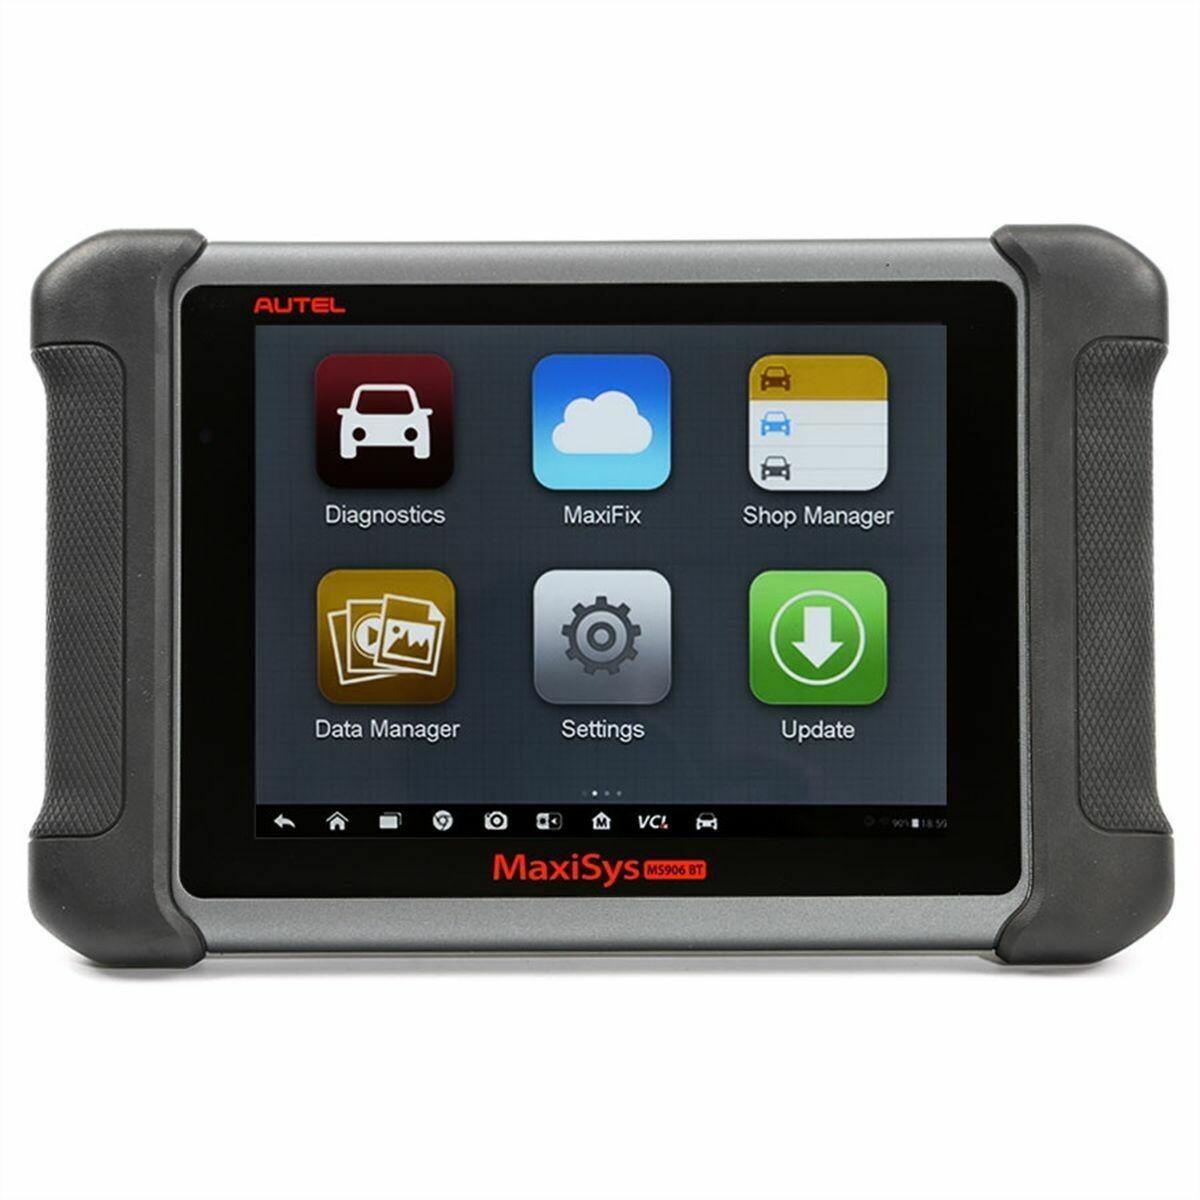 AUTEL Android Touchscreen Diagnostics Tablet